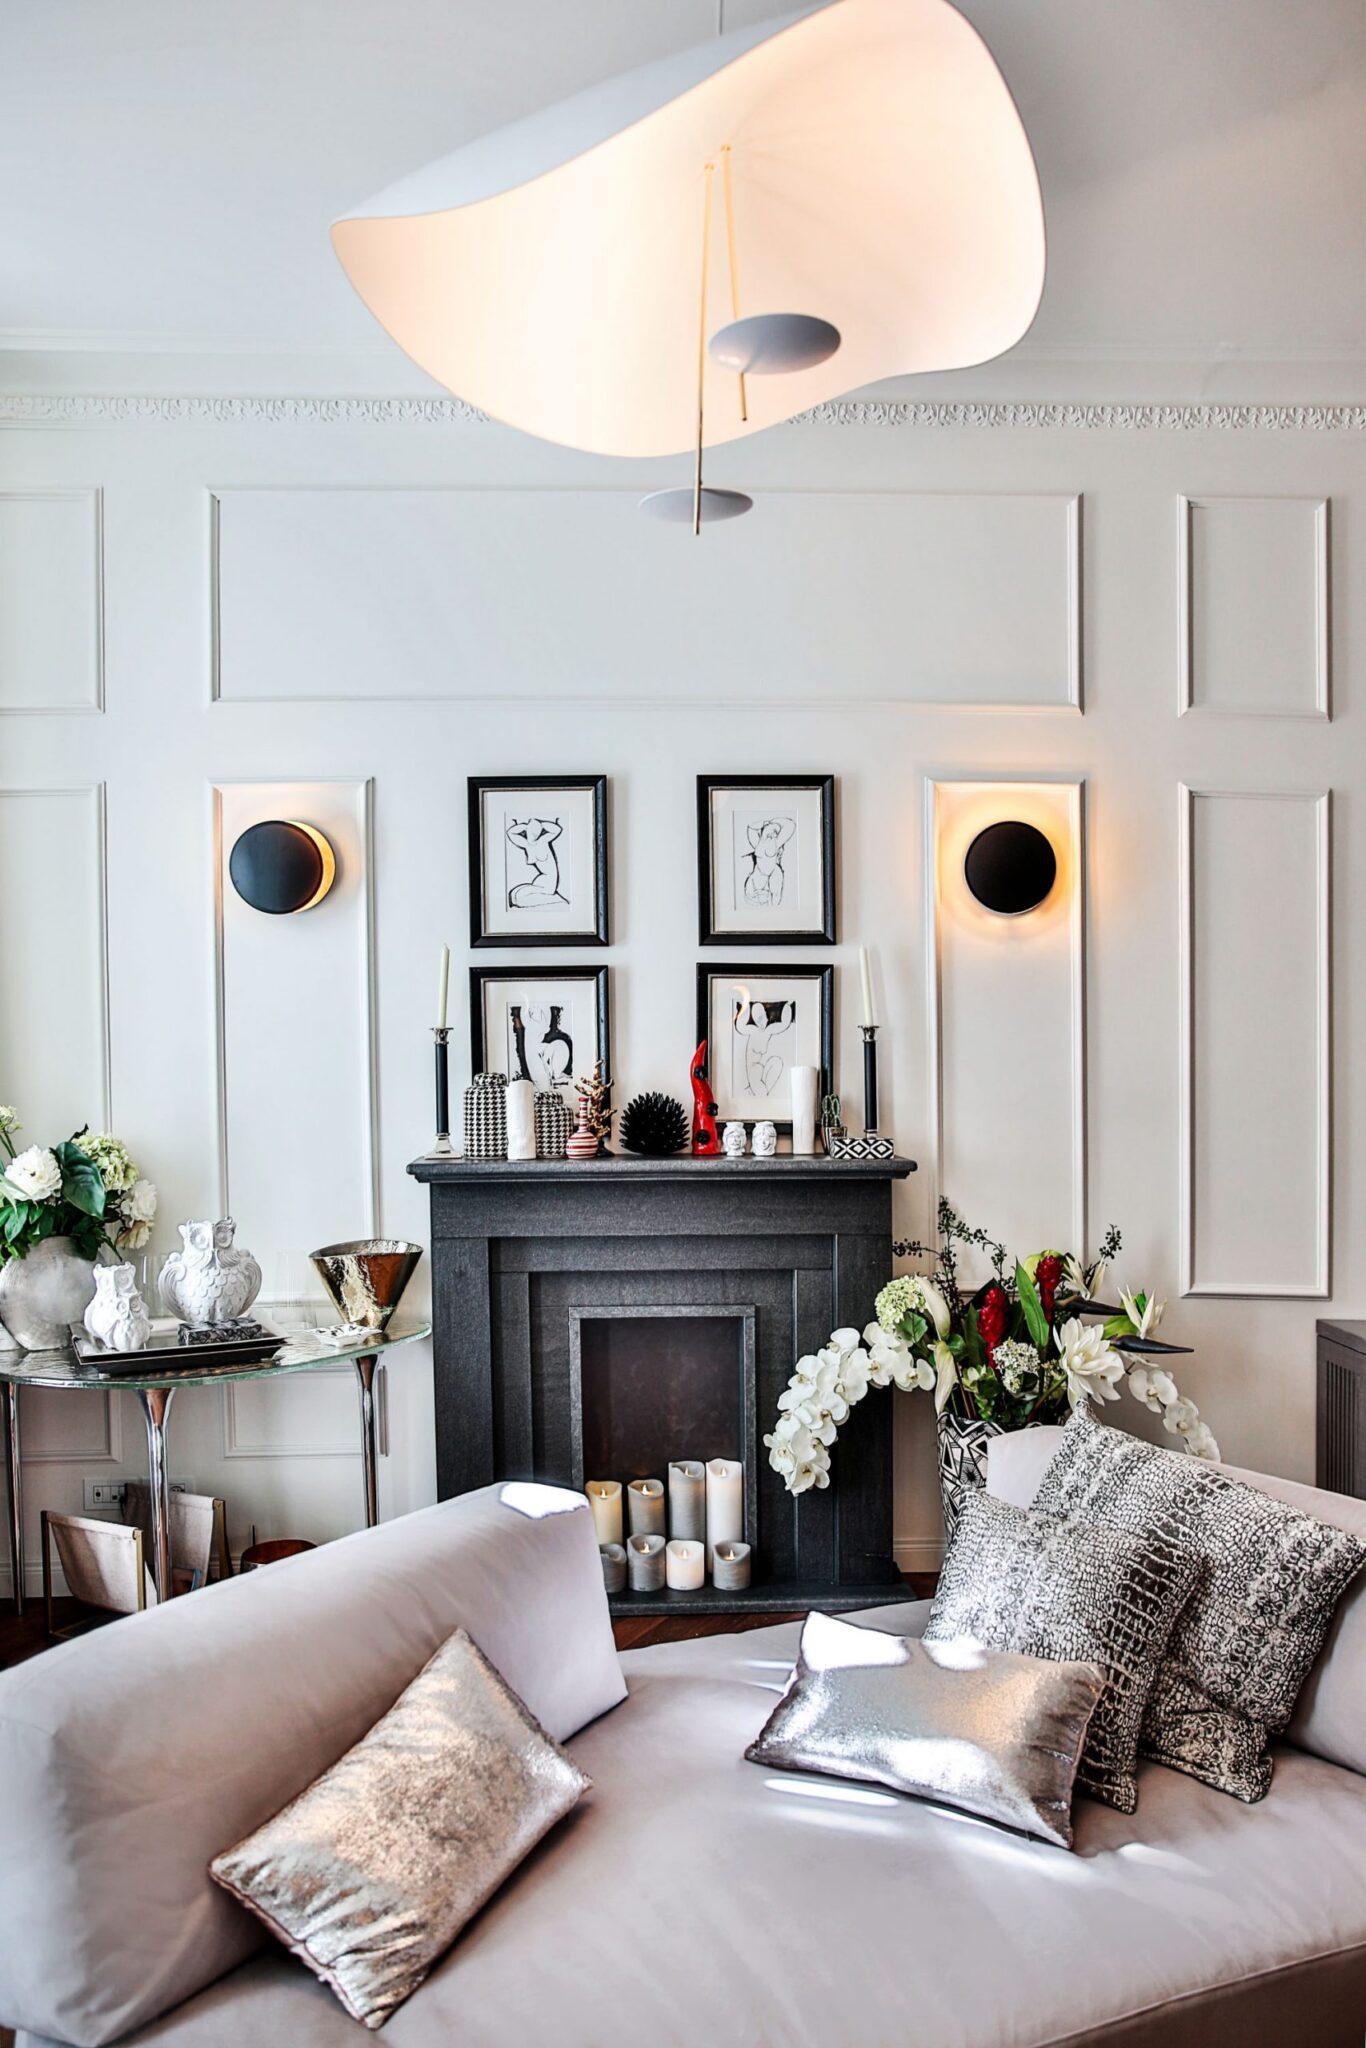 soggiorno parisino con applique a parete